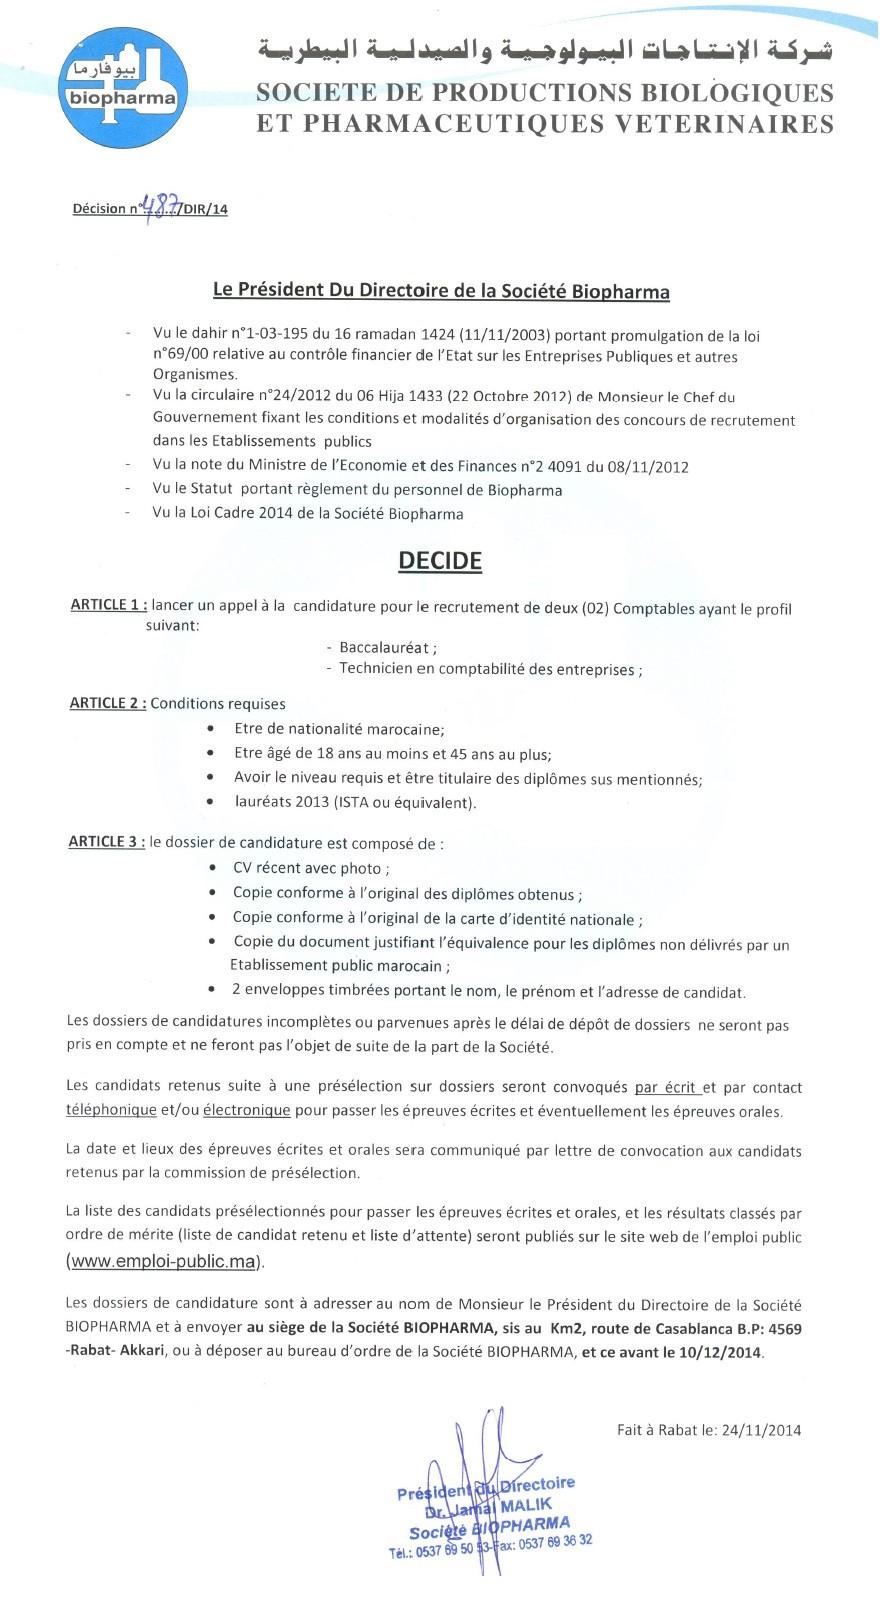 شركة الإنتاجات البيولوجية والصيدلية البيطرية (بيوفارما) : مباراة لتوظيف محاسب (2 منصبان) آخر أجل لإيداع الترشيحات 10 دجنبر 2014 Concou41